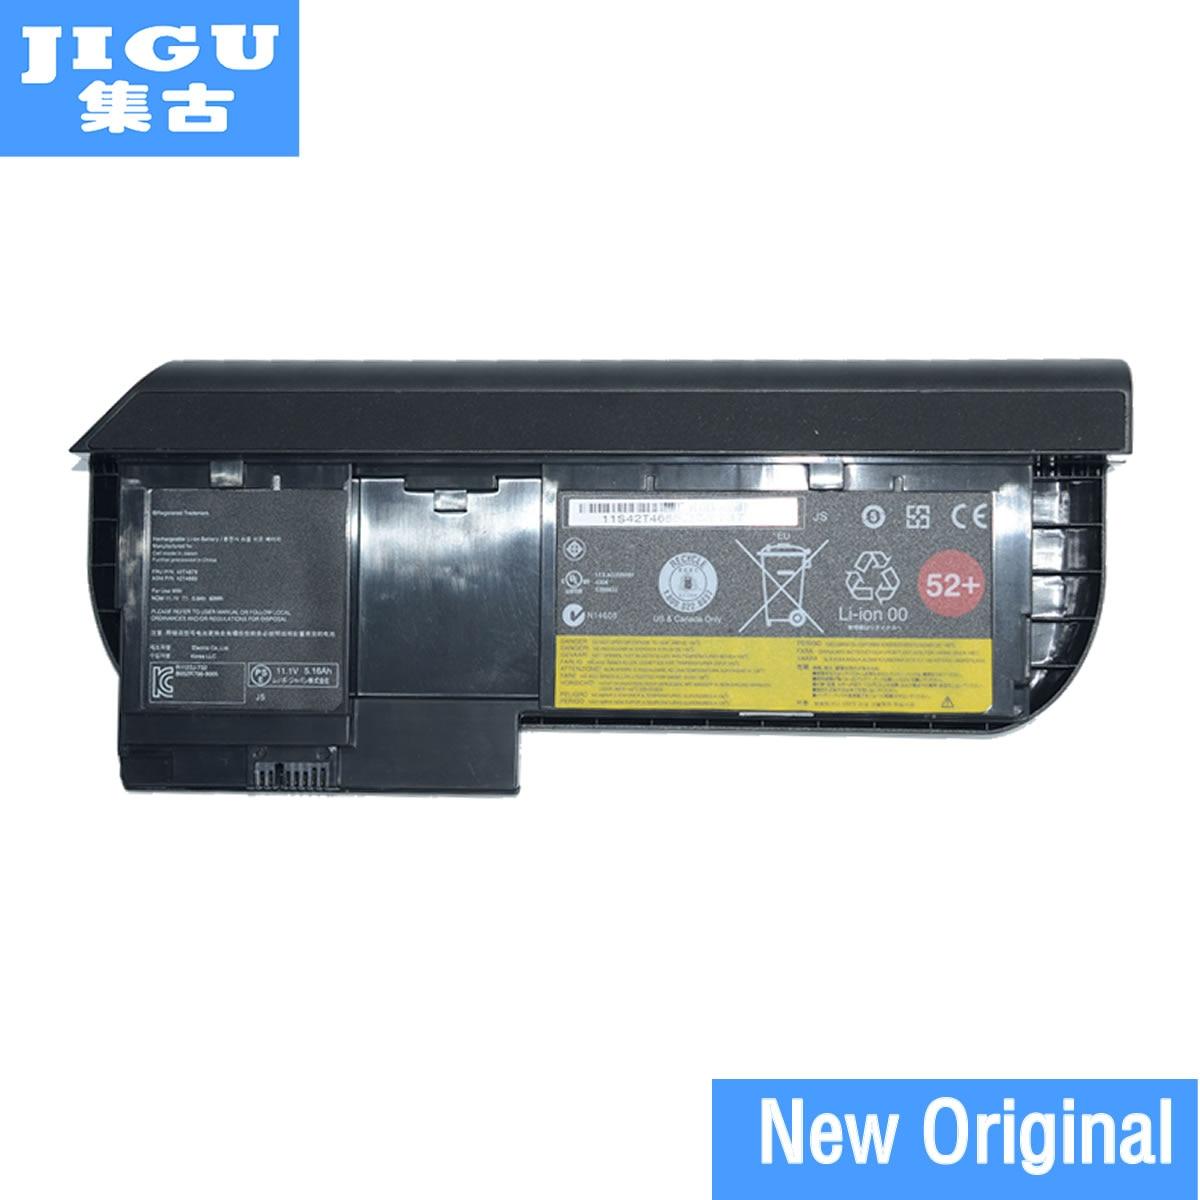 JIGU-بطارية كمبيوتر محمول ، لجهاز LENOVO ThinkPad X220 ، 4296 ، 4298 ، 4299 ، X220i ، 4294 ، X220t